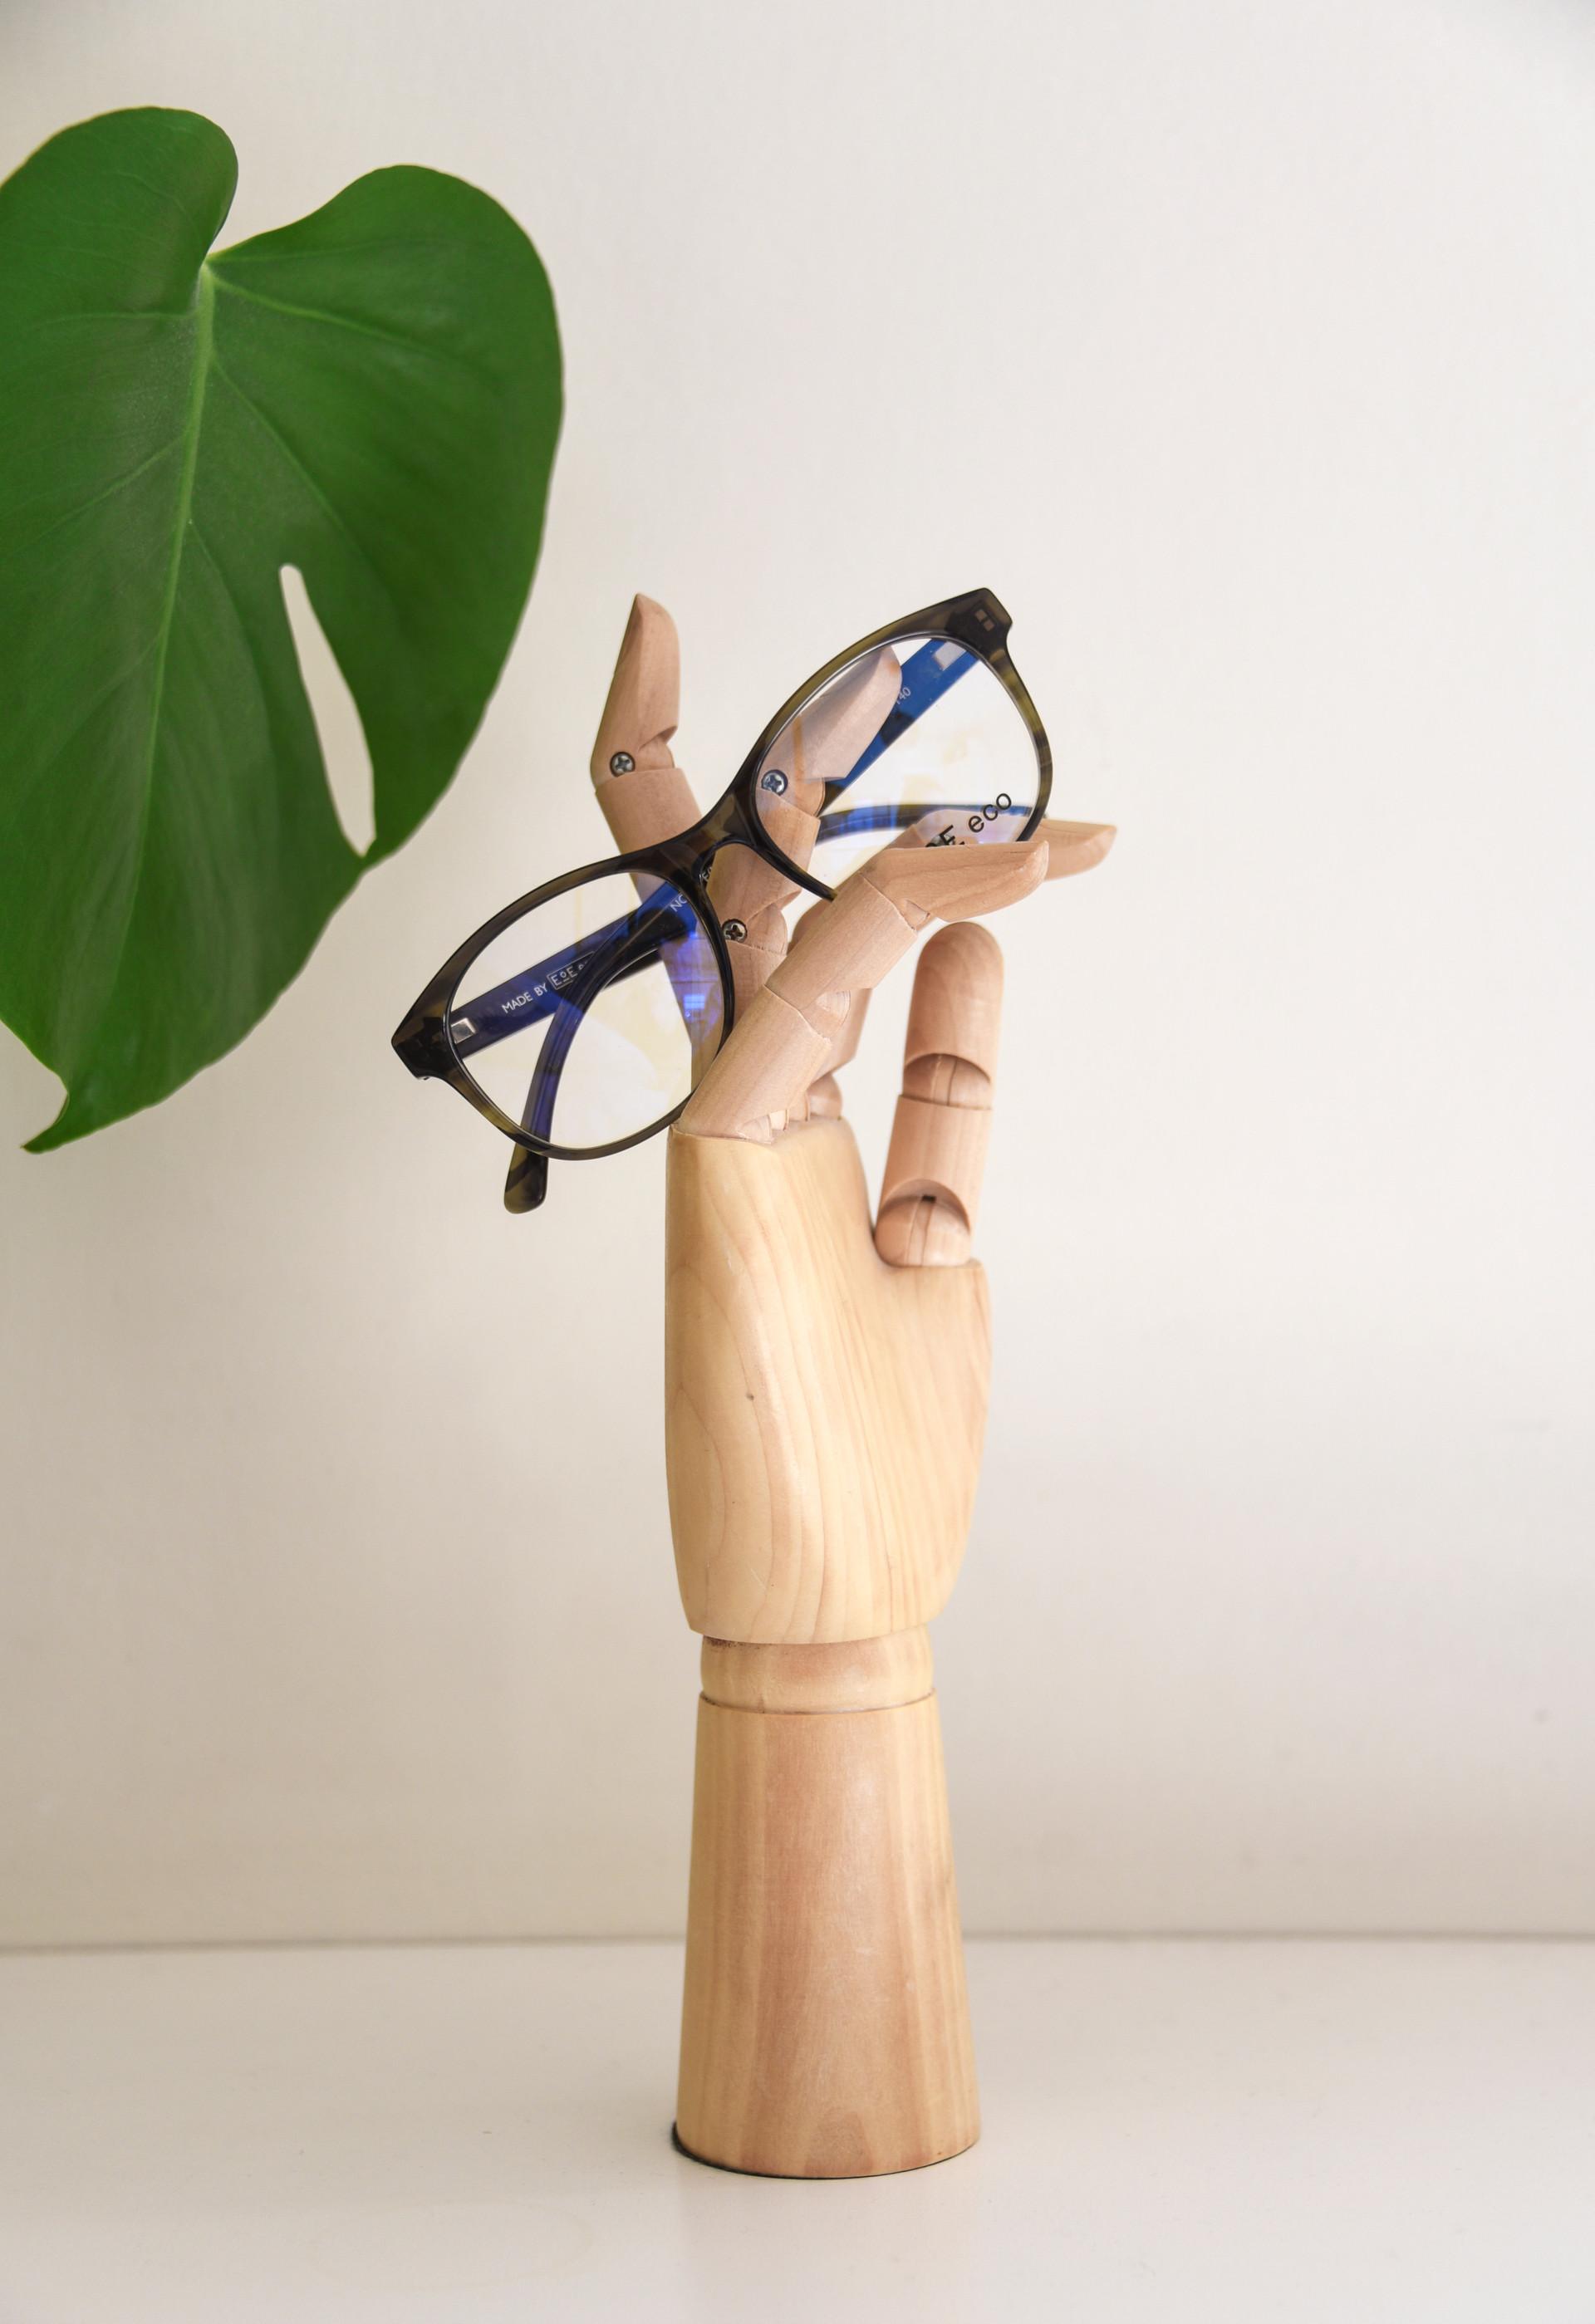 For EoE Glasses